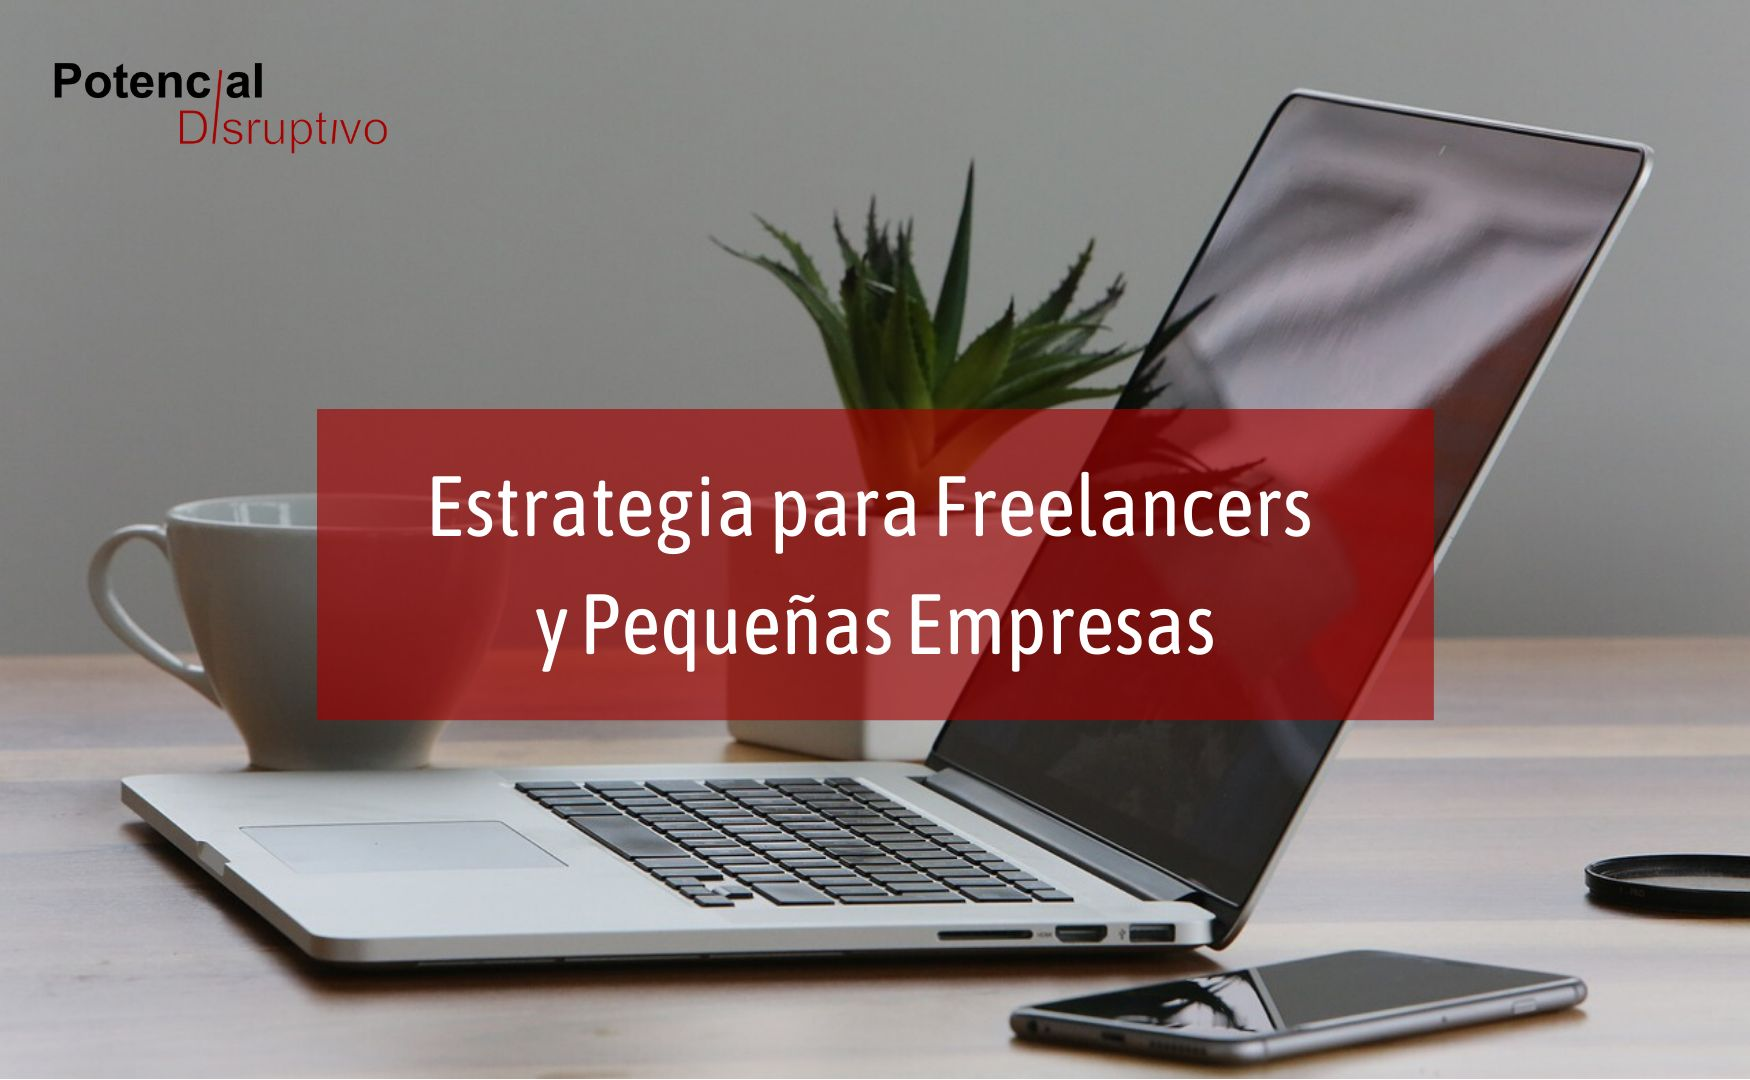 Estrategia para freelancers y pequeñas empresas